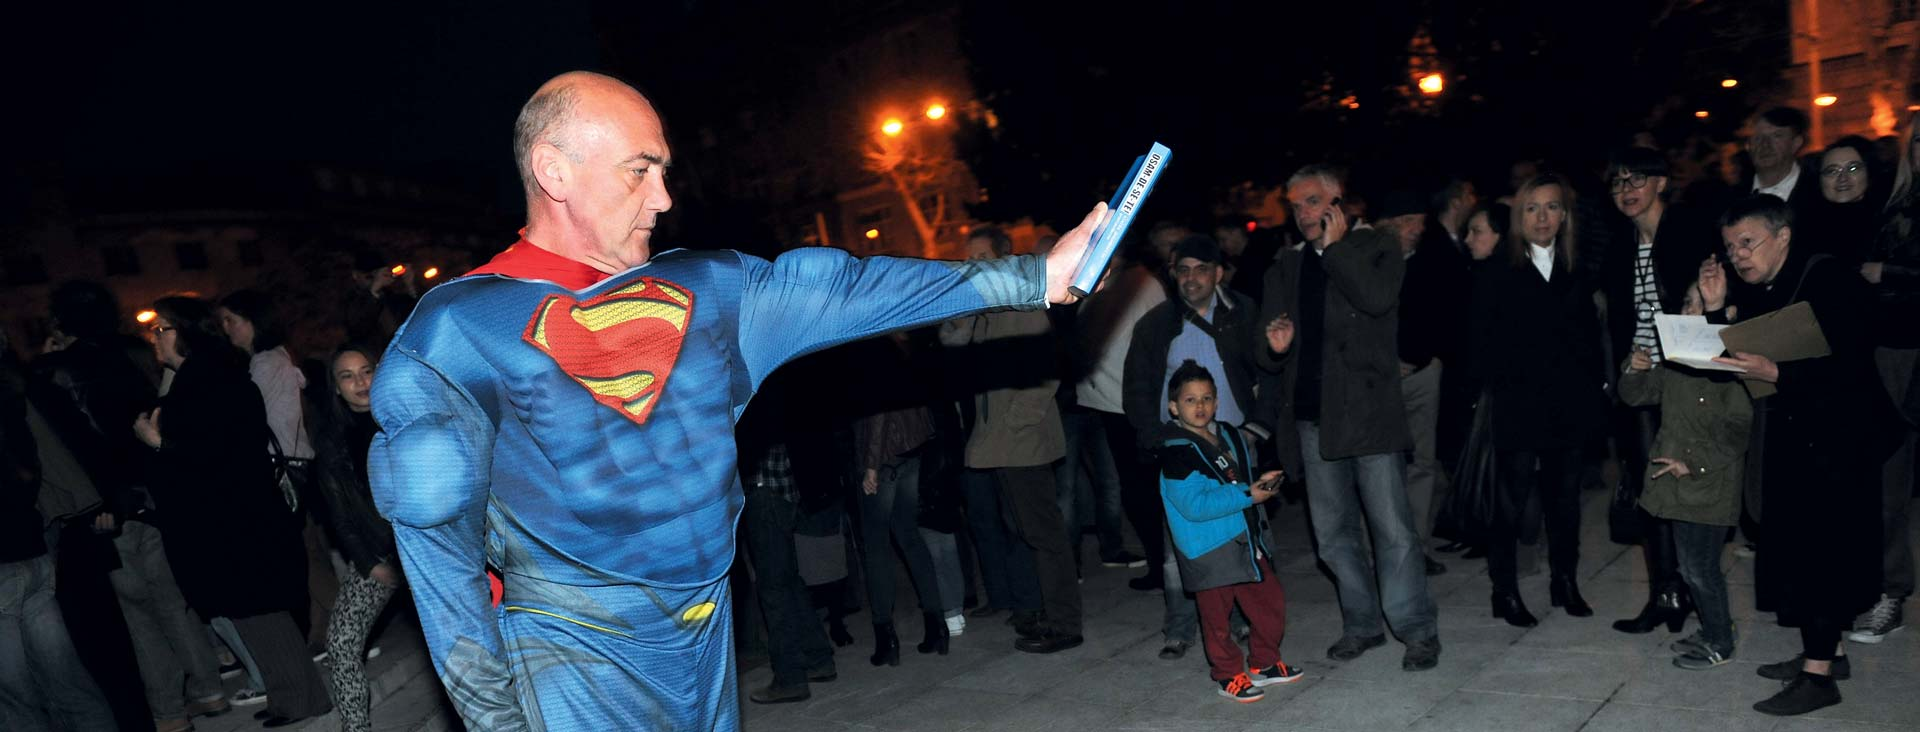 """U NOVOM NACIONALU IZLOŽBA """"OSAMDESETE – SLATKA DEKADENCIJA POSTMODERNE"""" Superman spašava kontroverzne 80-e"""